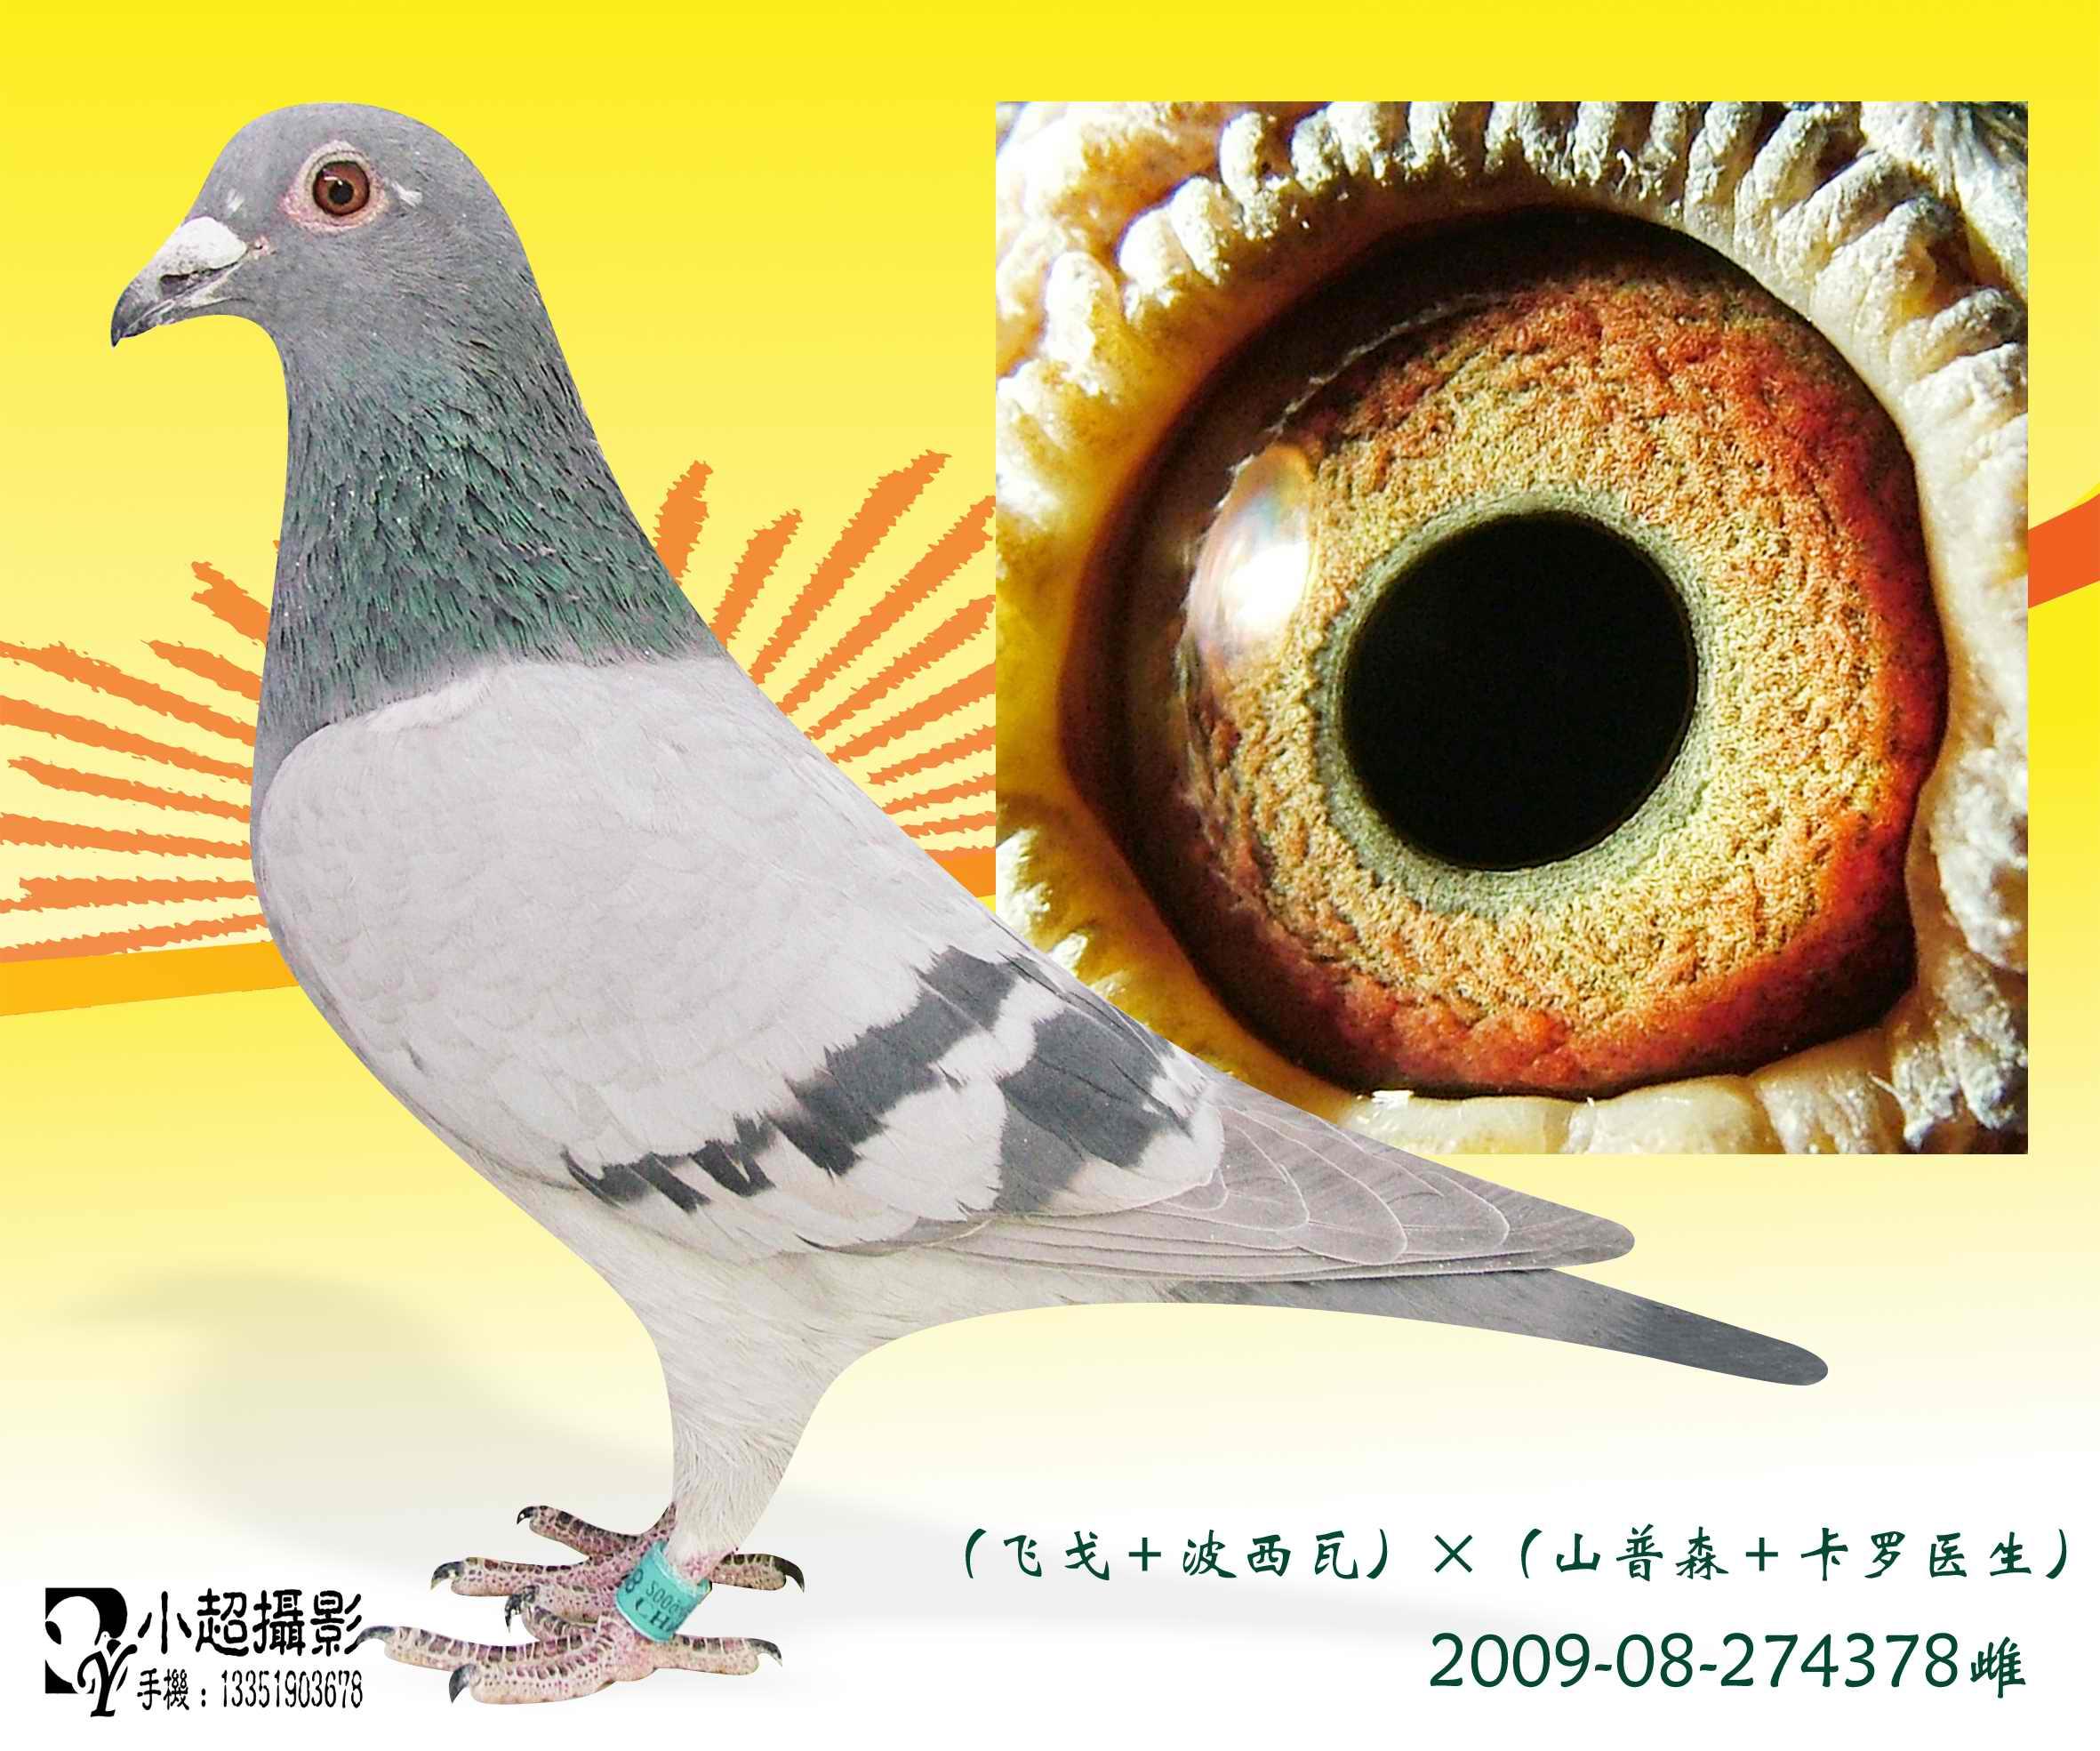 信鸽特征-43 飞戈 波西瓦 山普森 卡罗